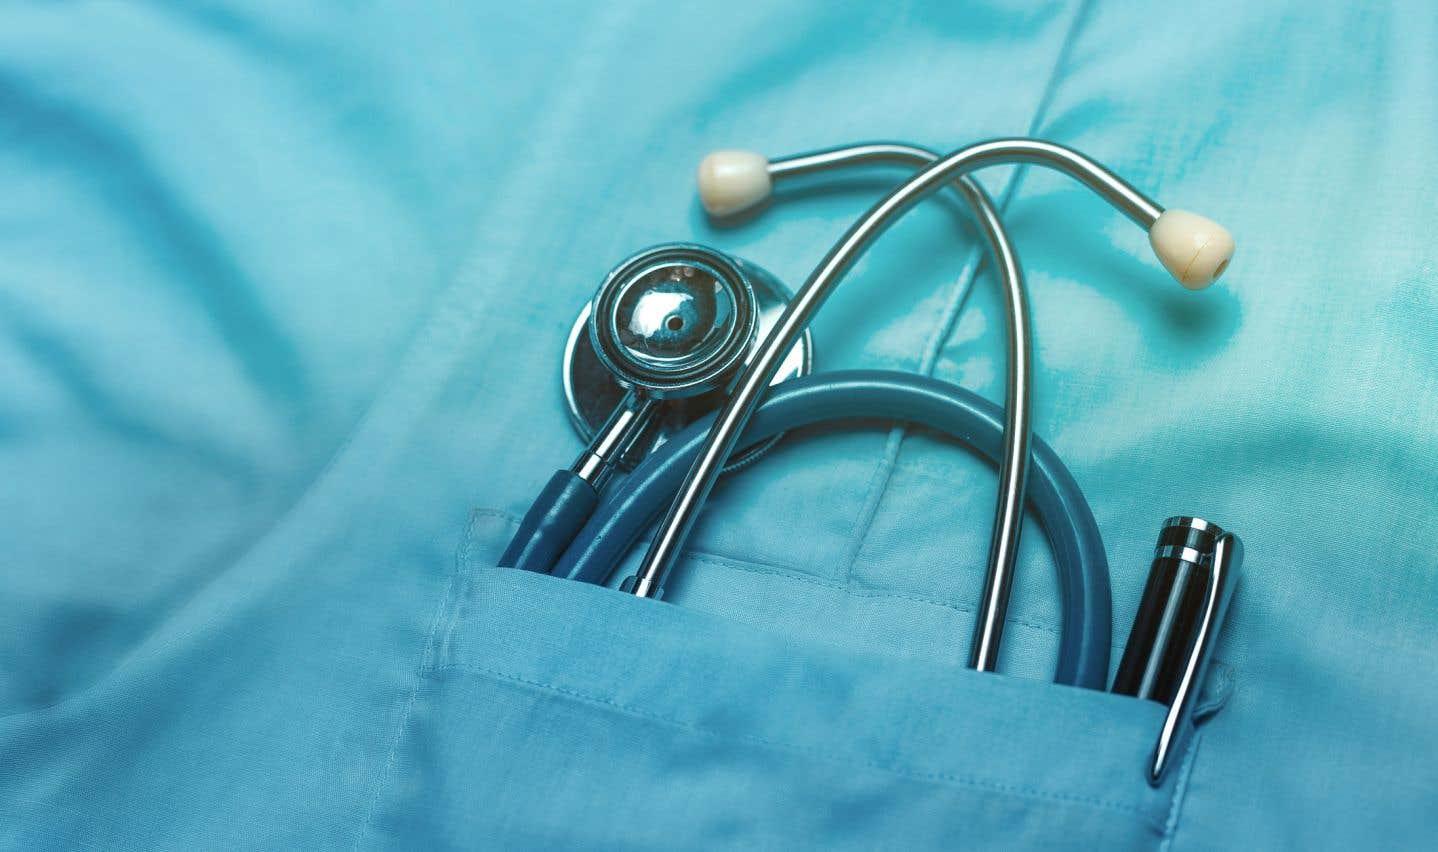 Lors de la dernière négociation en 2011, les médecins résidents demandaient une hausse salariale de 34%, mais n'avaient obtenu que 6% sur cinq ans, comme les autres employés de la fonction publique.